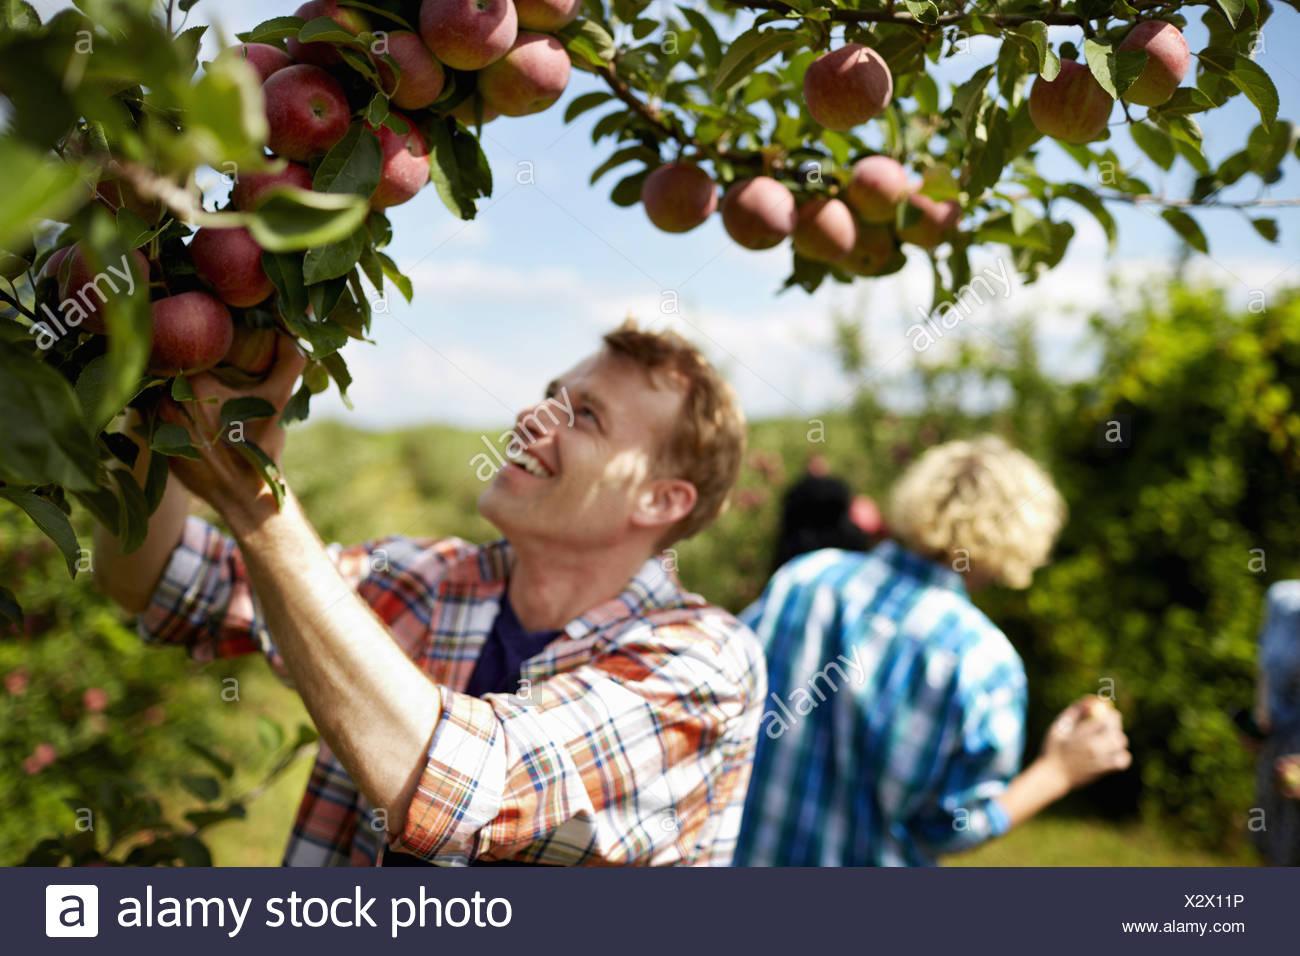 Reihen von Obstbäumen in einem Bio-Obstgarten eine Gruppe von Menschen, die die Reifen Äpfel pflücken Stockbild